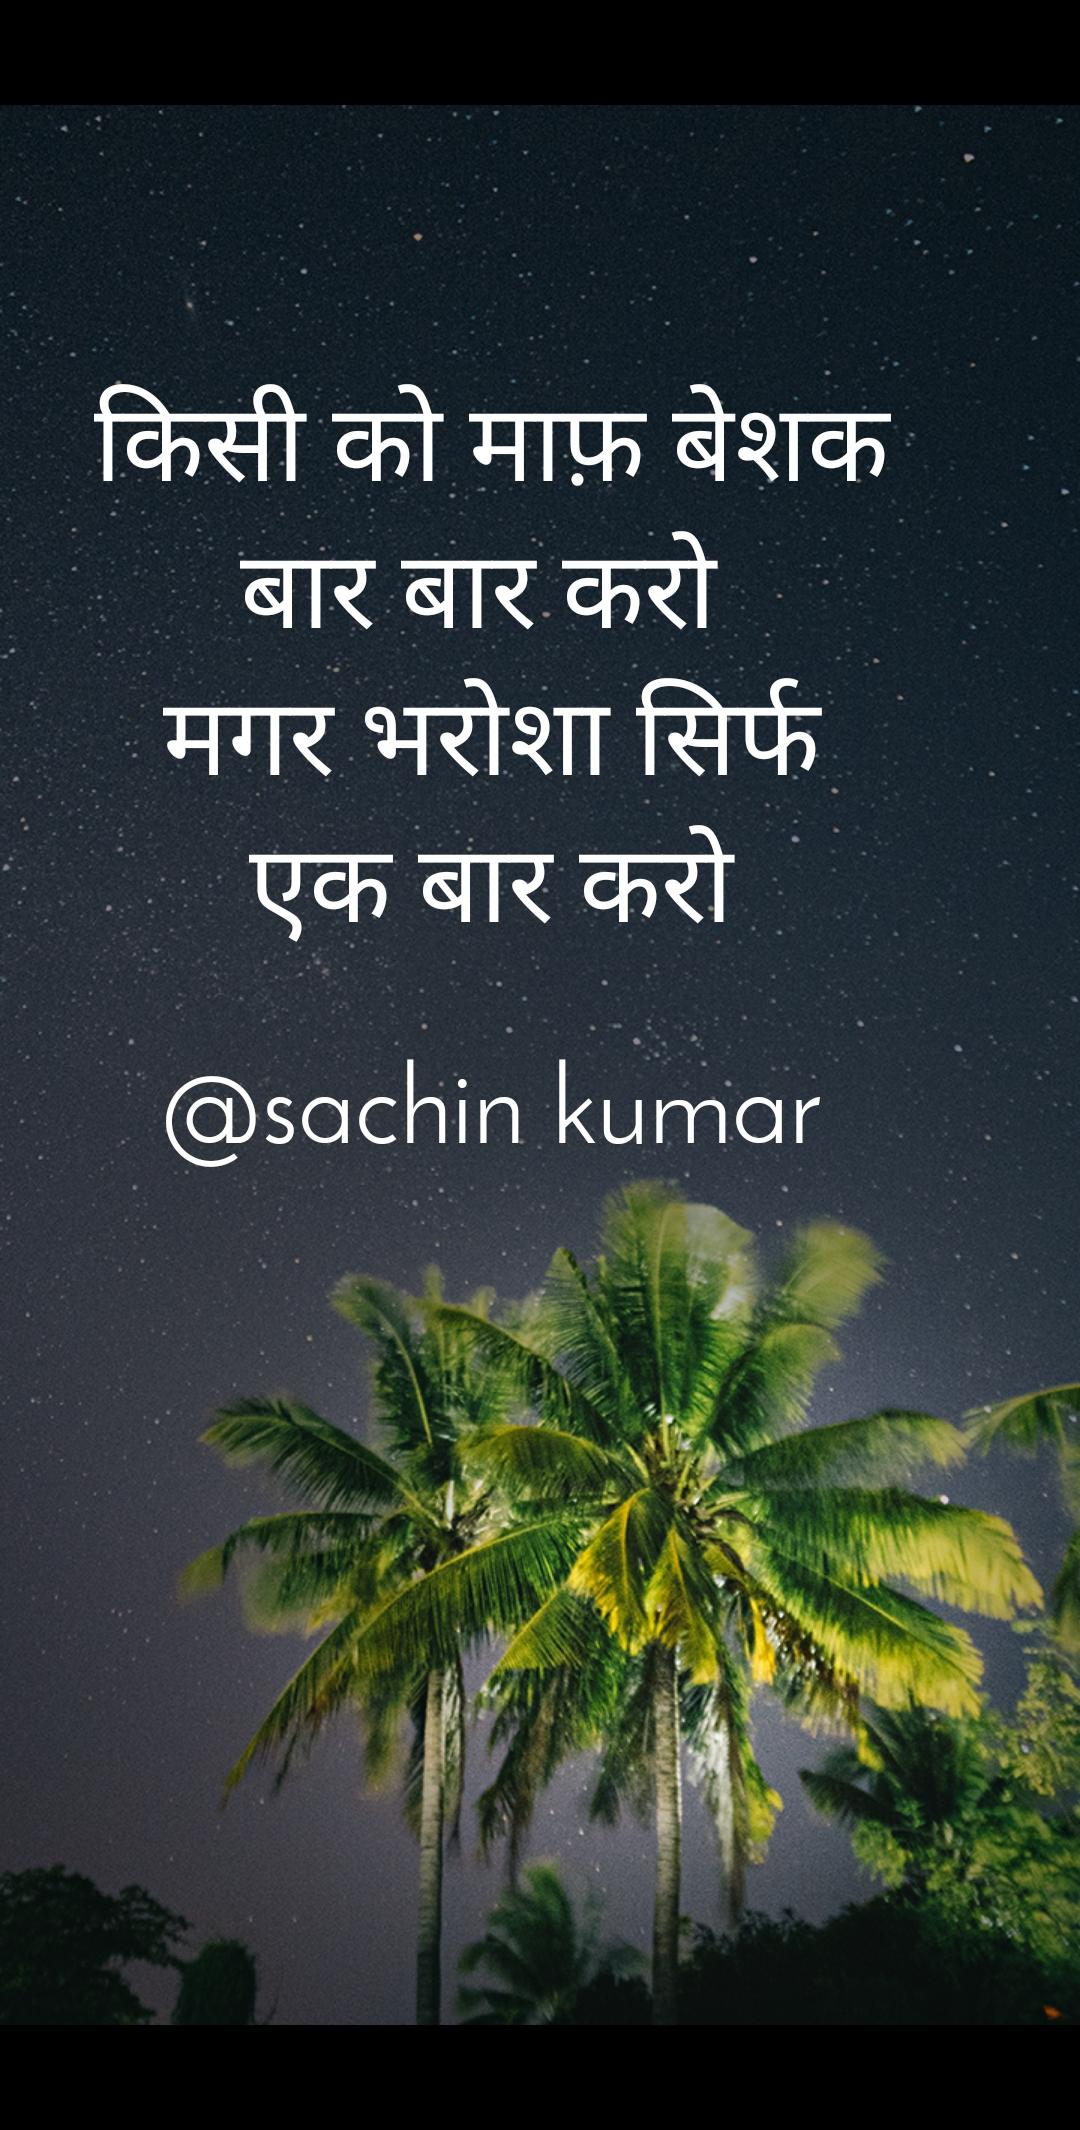 किसी को माफ़ बेशक बार बार करो  मगर भरोशा सिर्फ एक बार करो  @sachin kumar